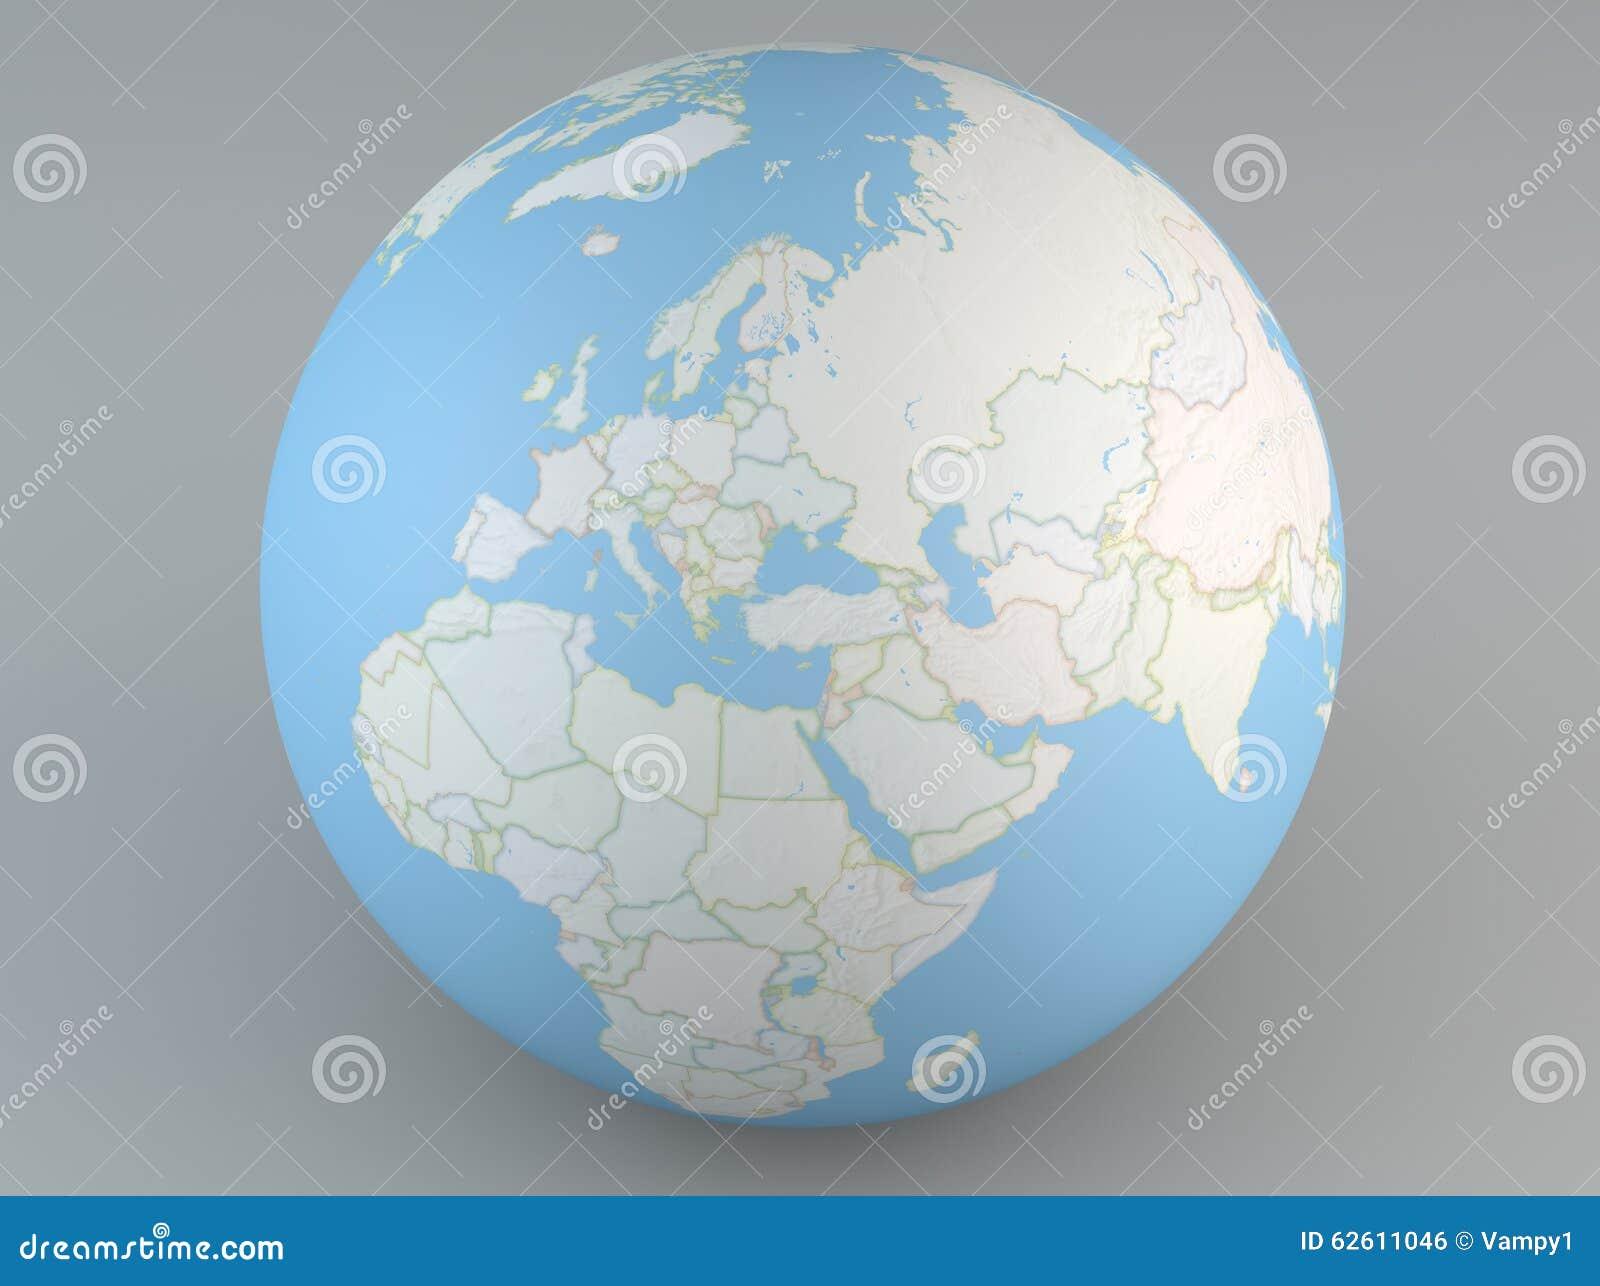 Carte De Lafrique Et Moyen Orient.Globe Politique De Carte De L Europe De Moyen Orient Asie Et De L